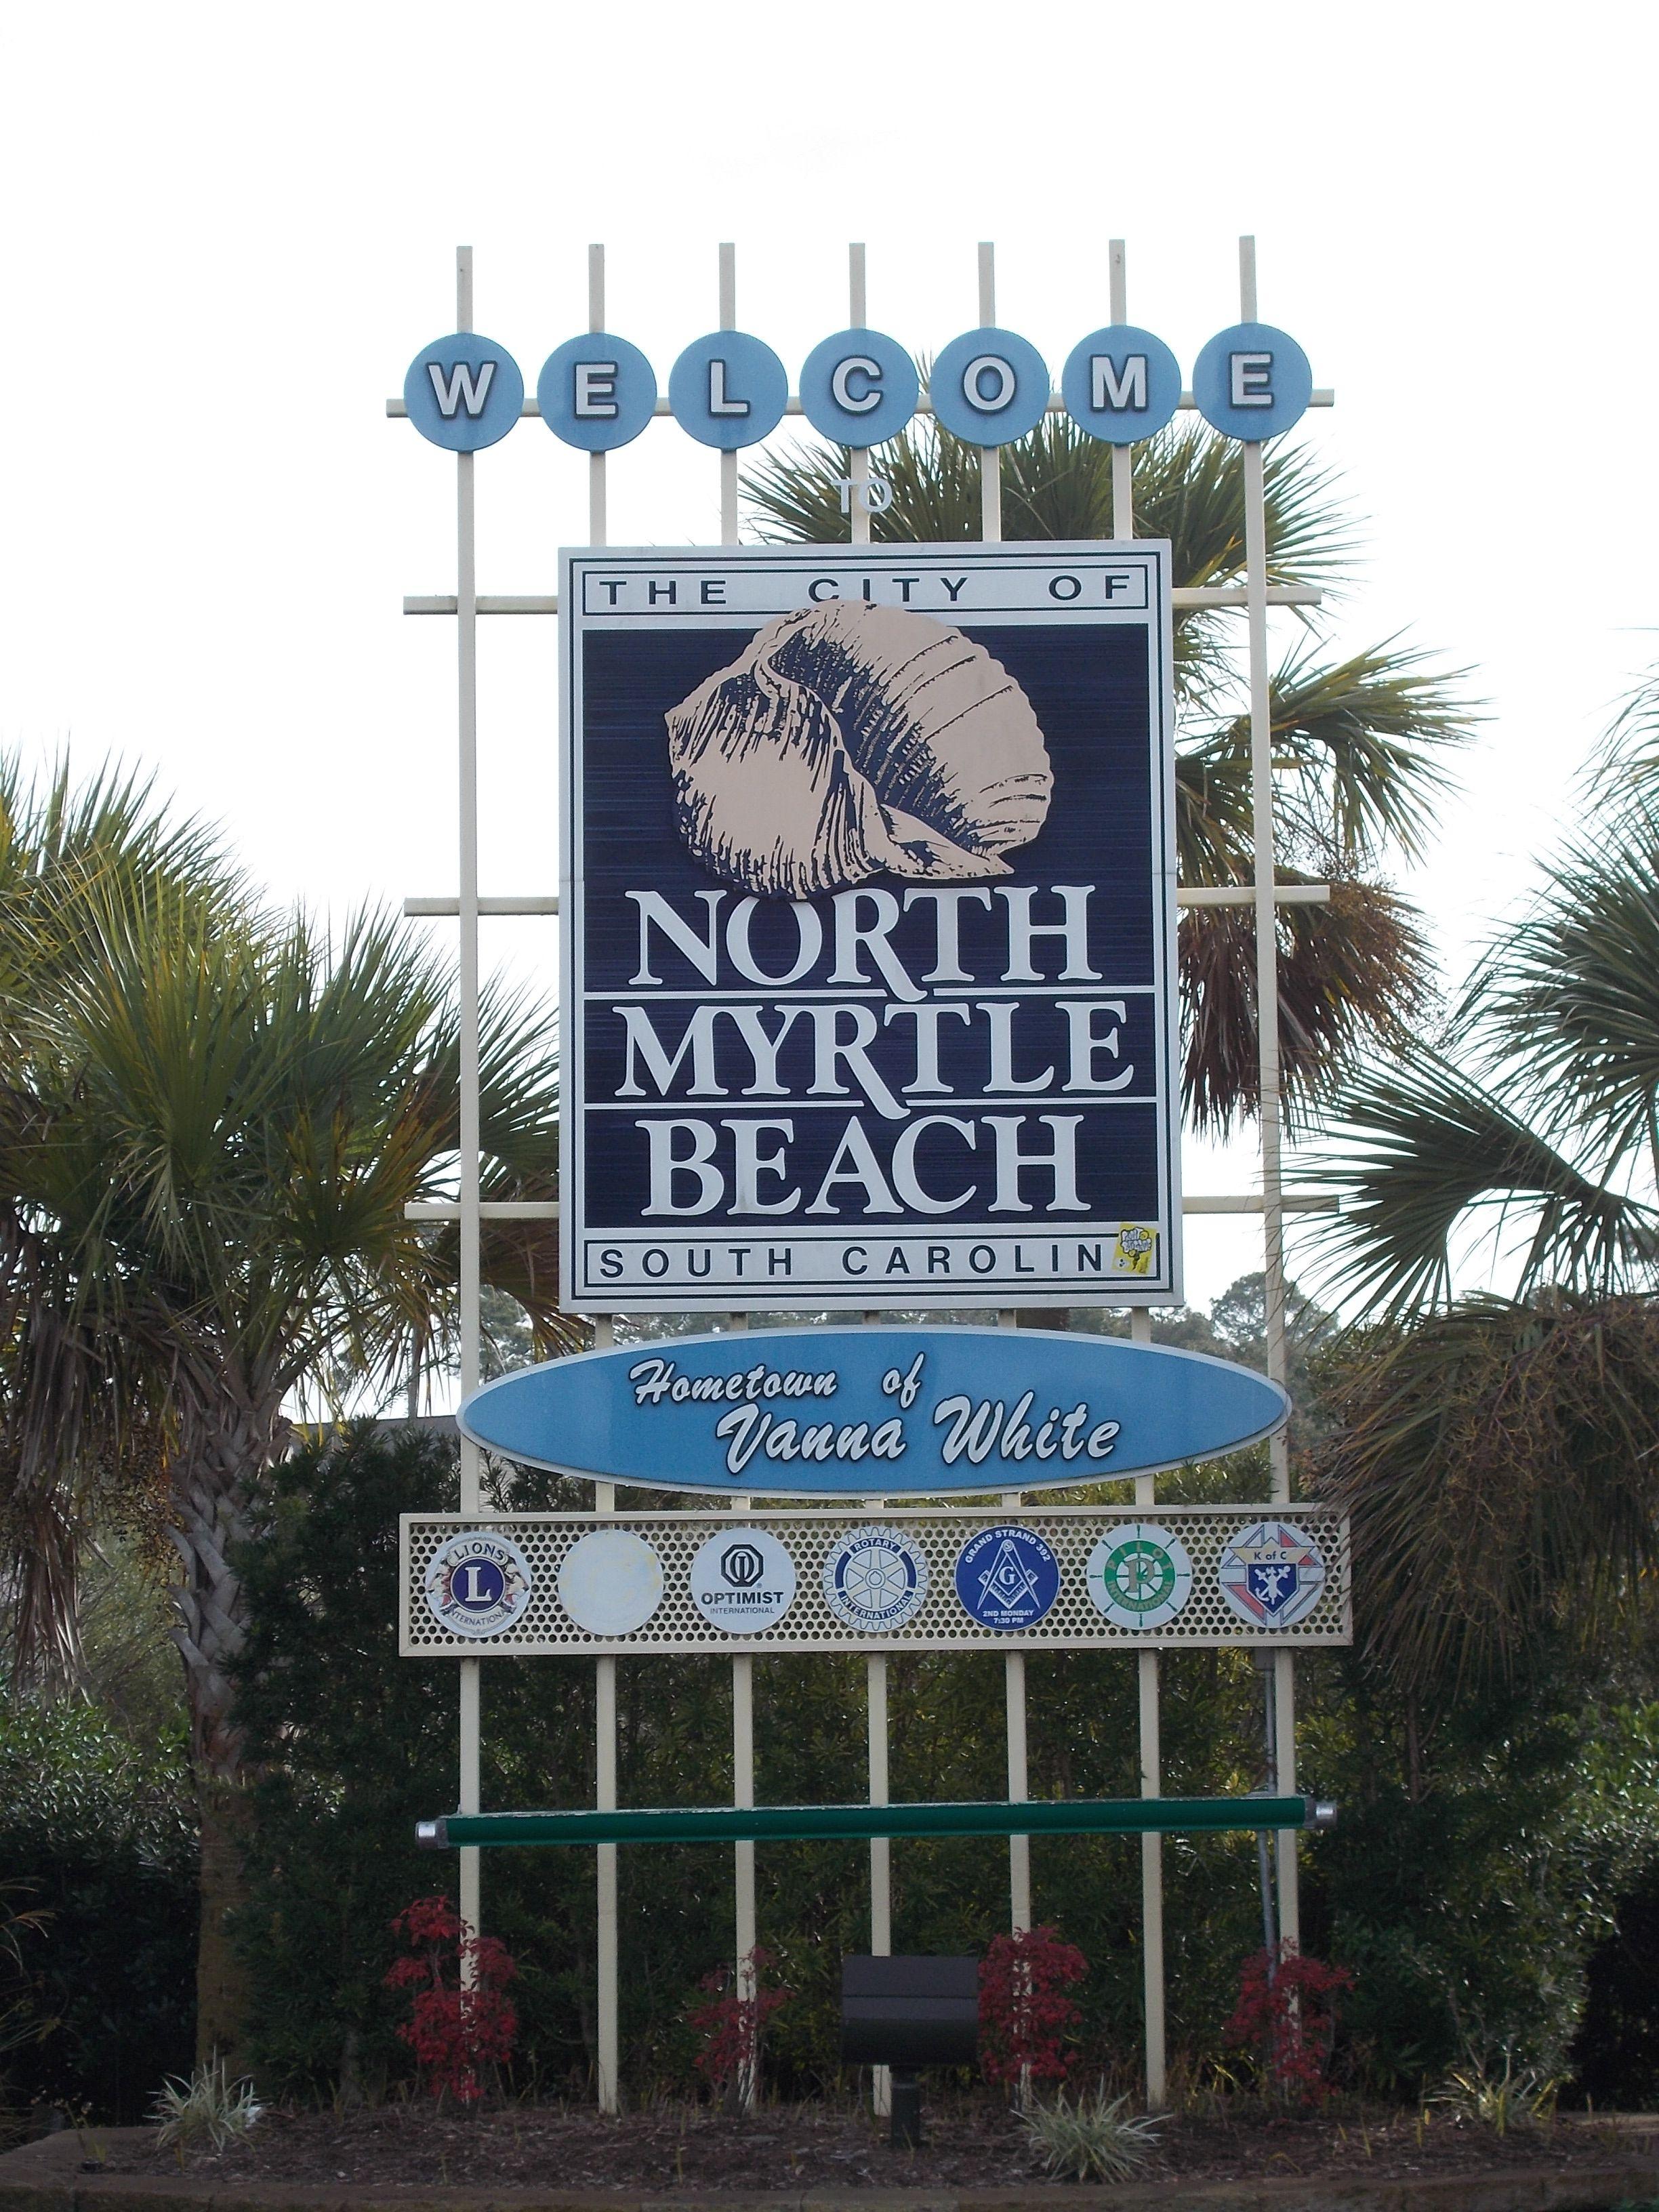 2192f55386b9a57a93984f5258f7cc14 - Sea Gardens North Myrtle Beach South Carolina